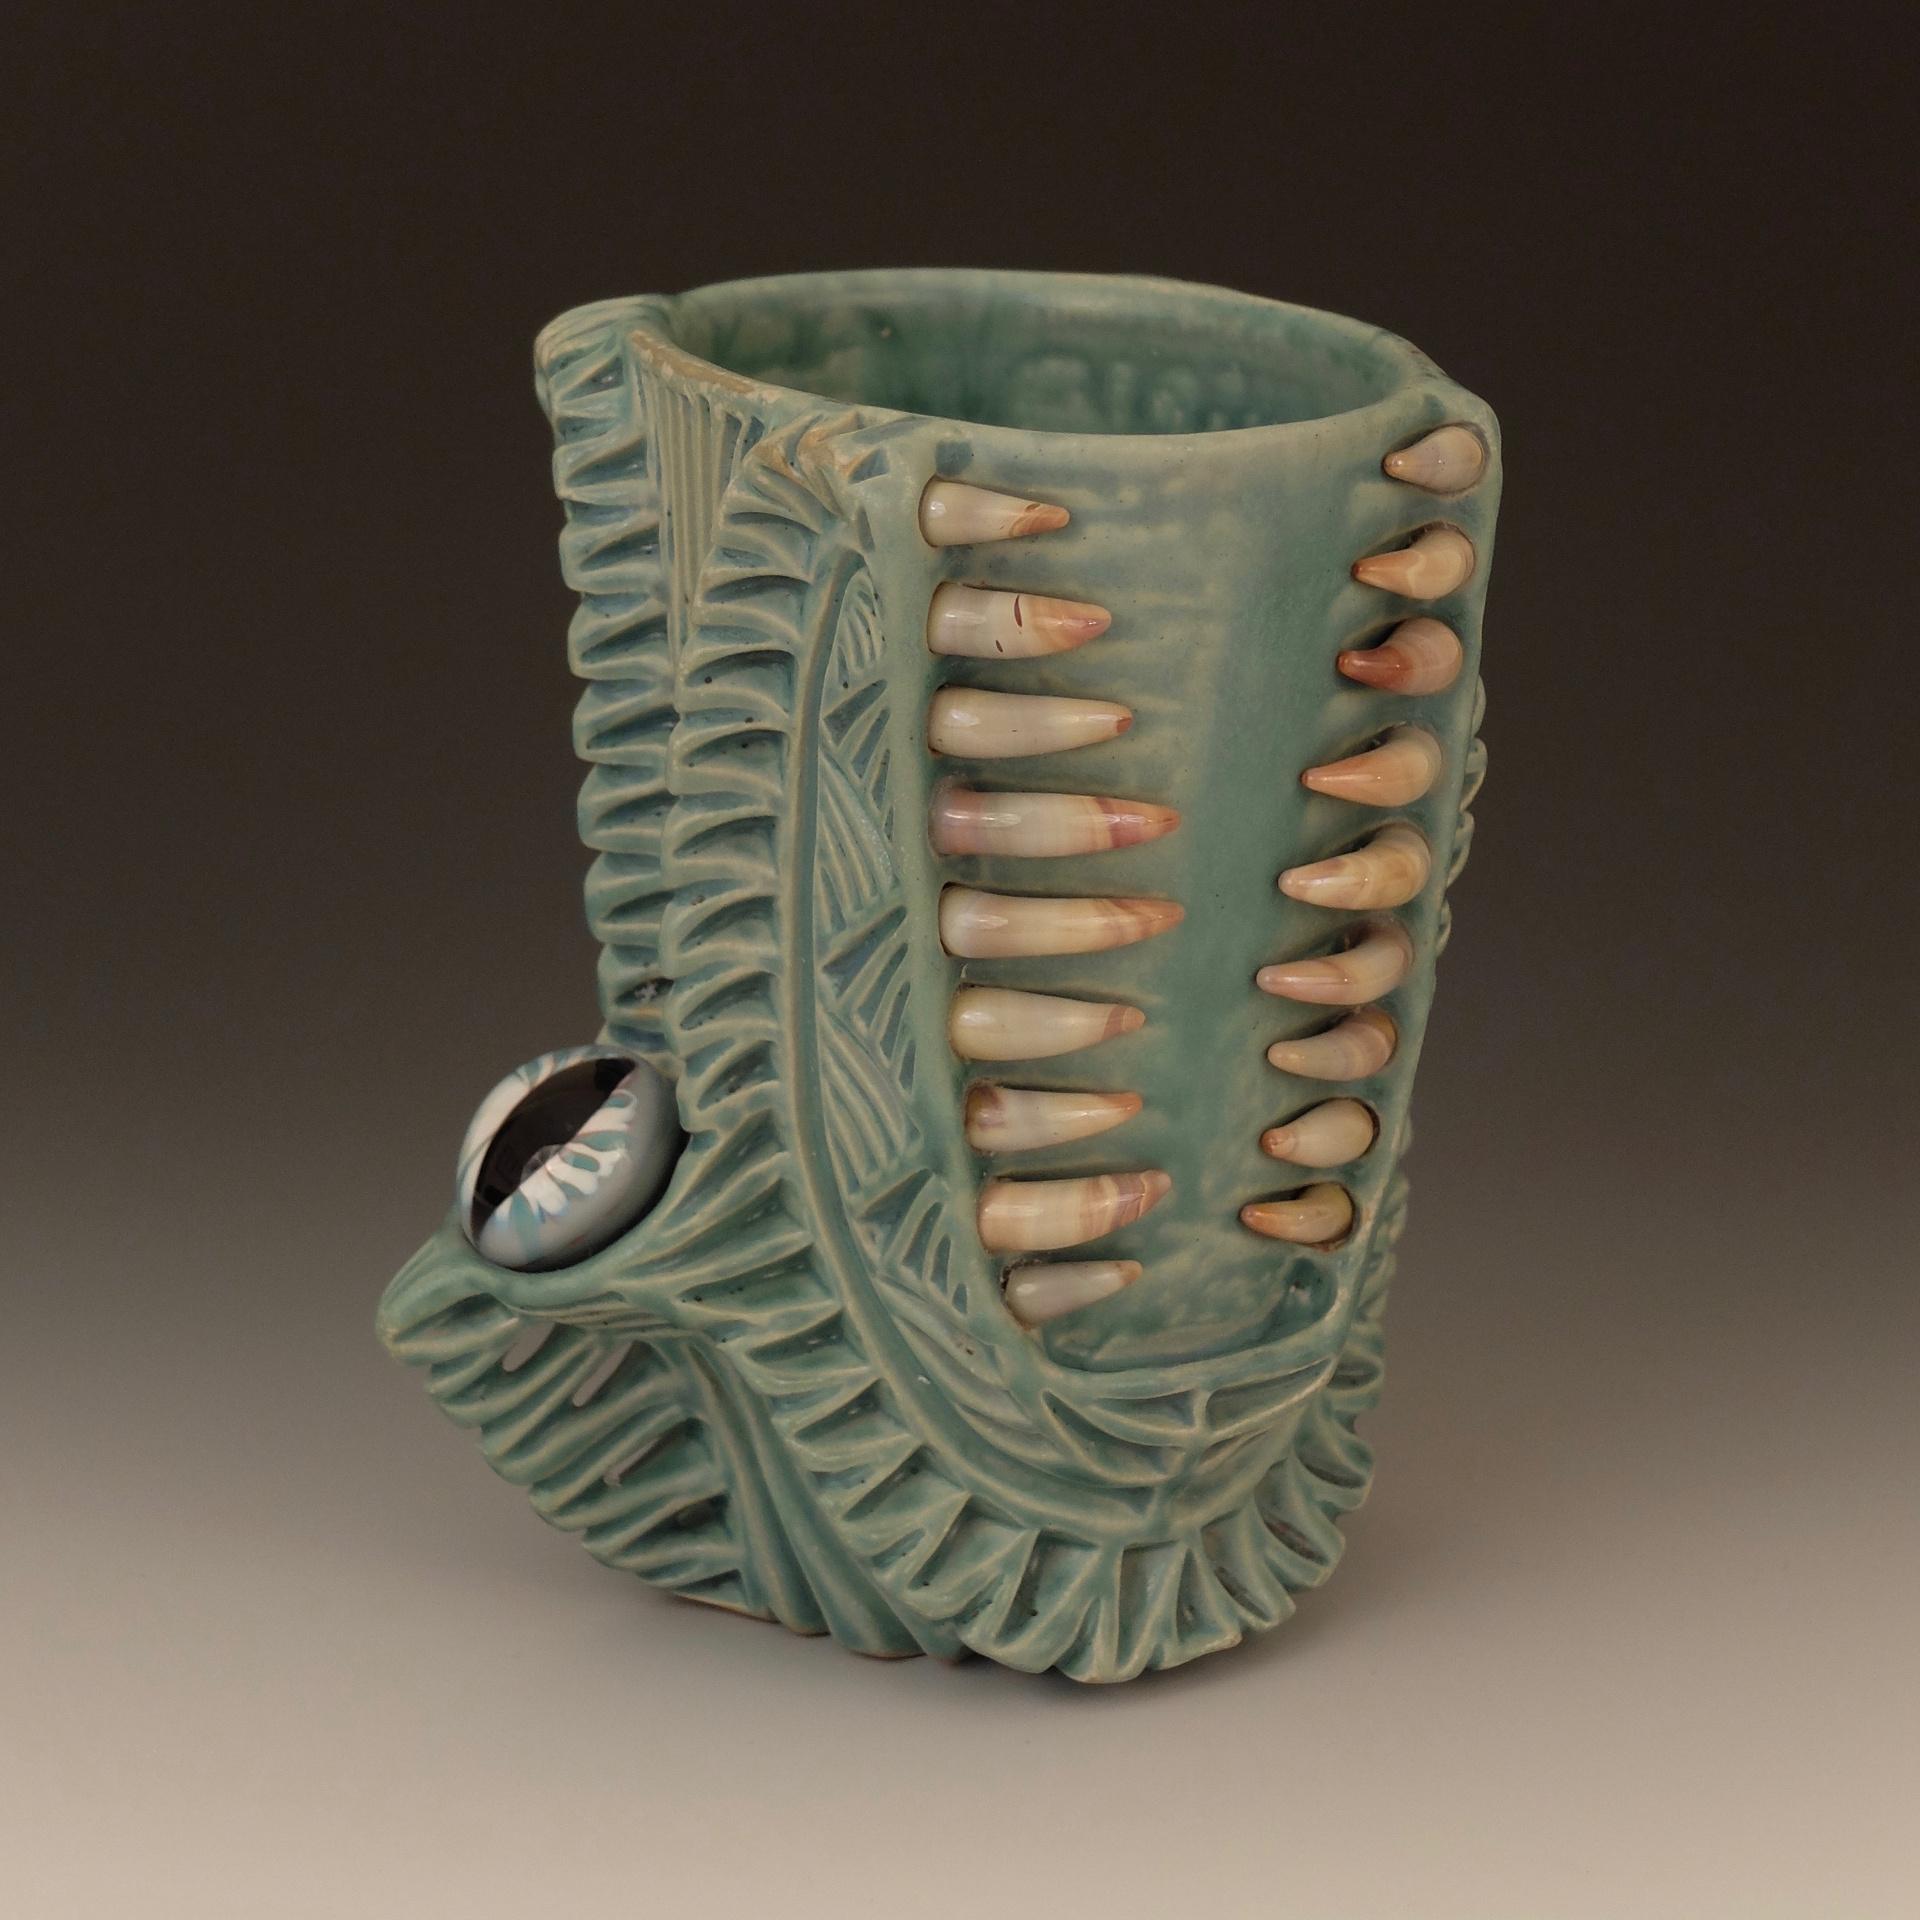 Cyclops Cup#1